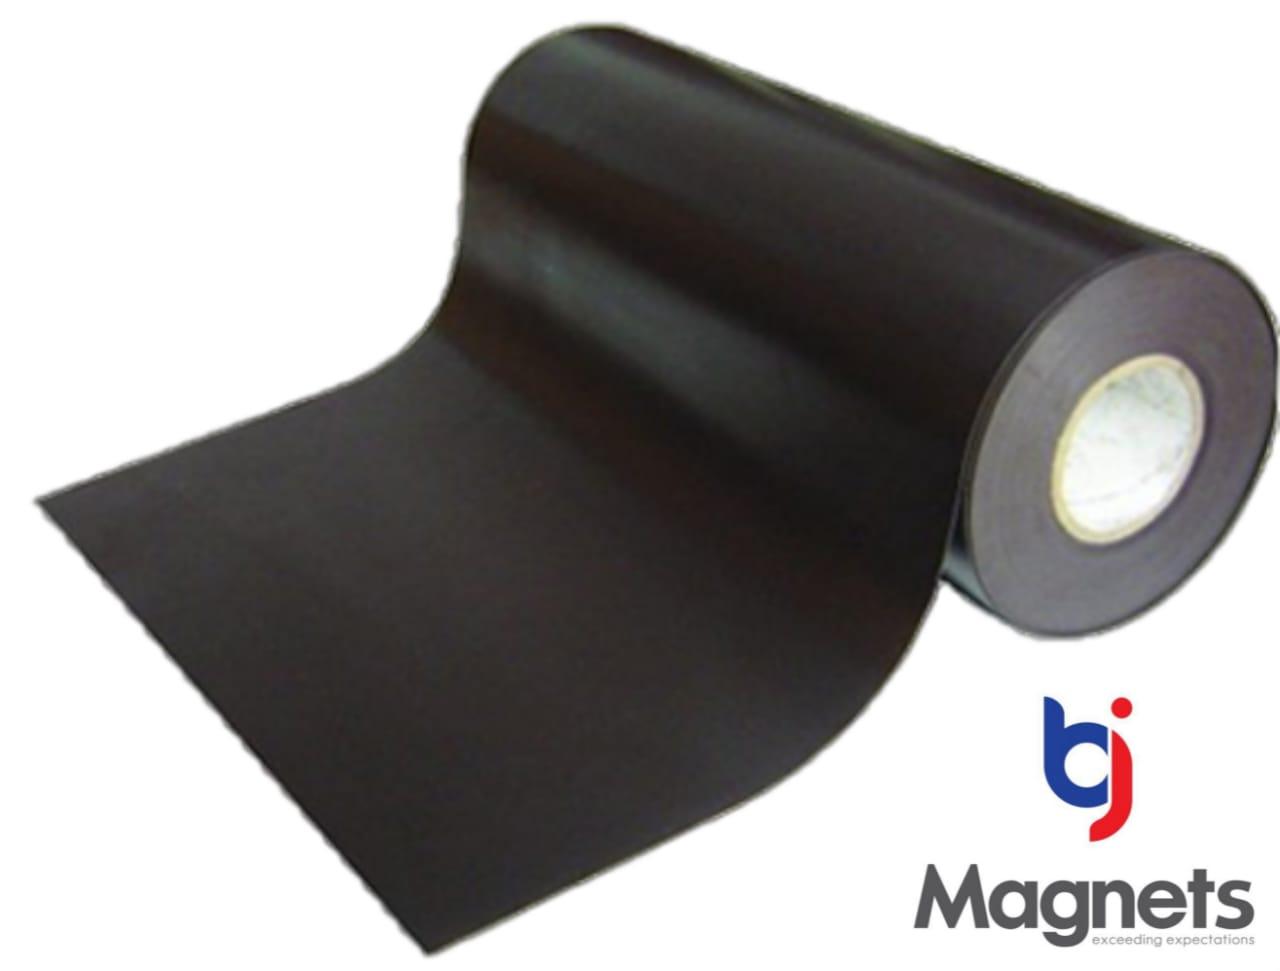 Flexible sheet magnet